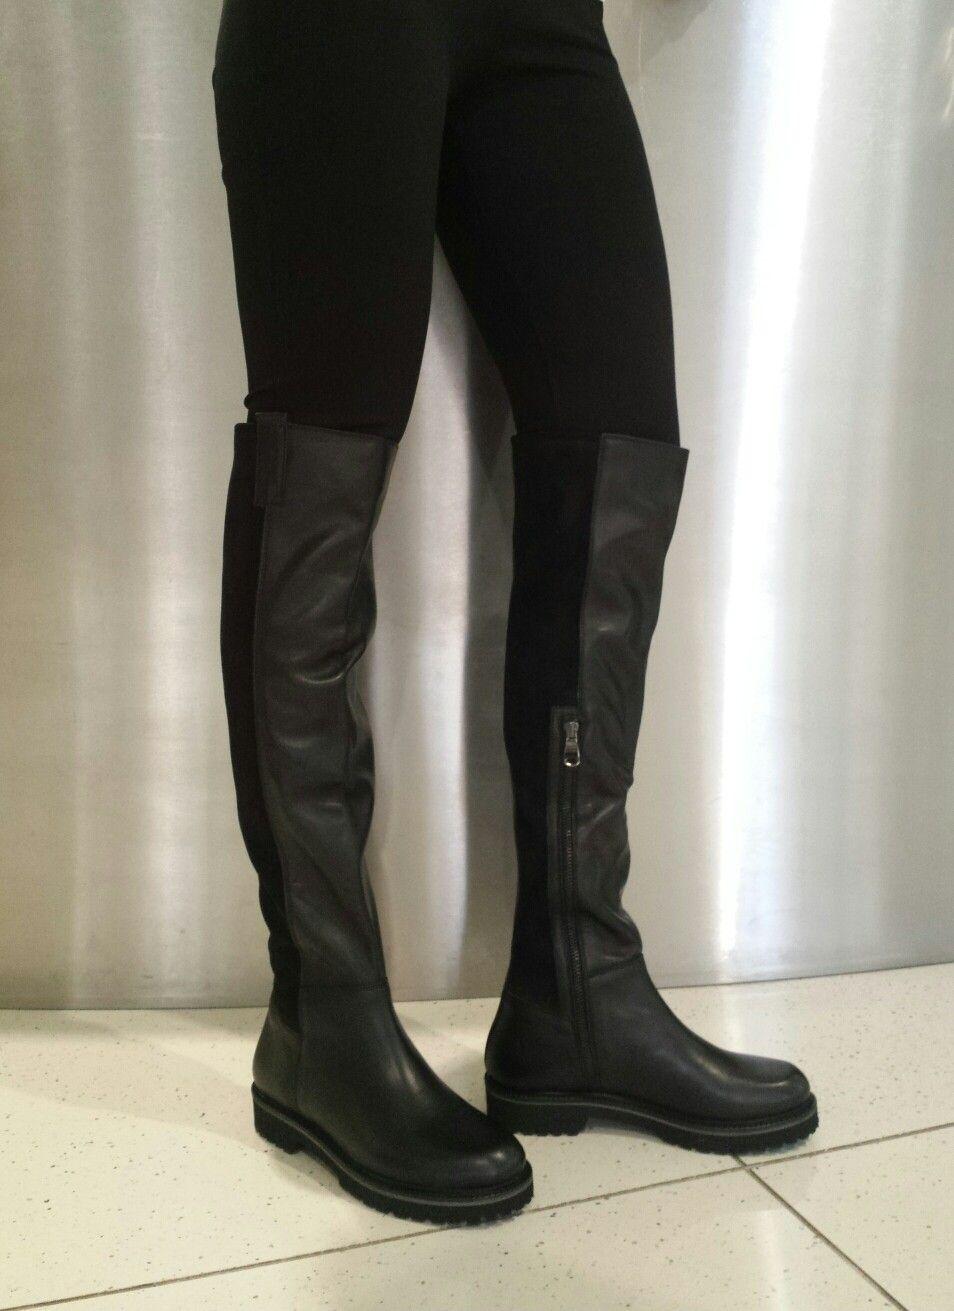 Un paio di stivali sono un must have per la stagione invernale Vieni a  scoprire il cdda8a6501e